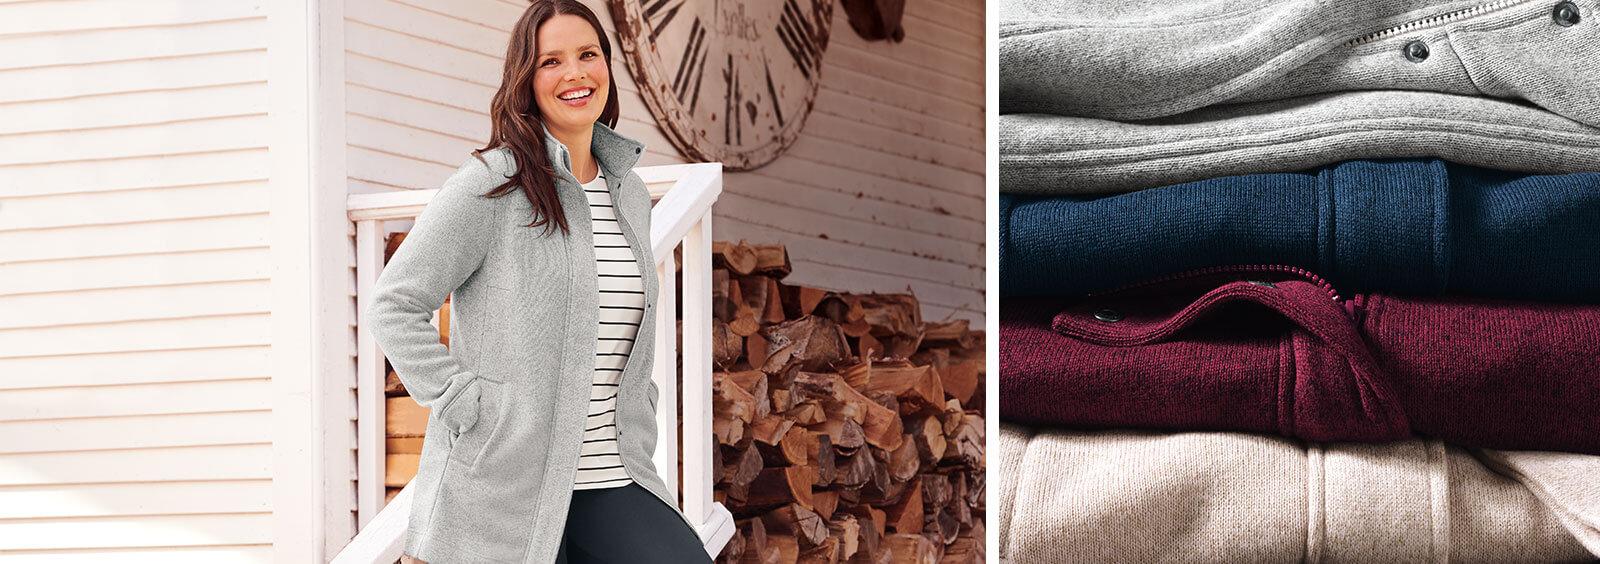 Warm & Windproof - Best Fleece Jackets for Women